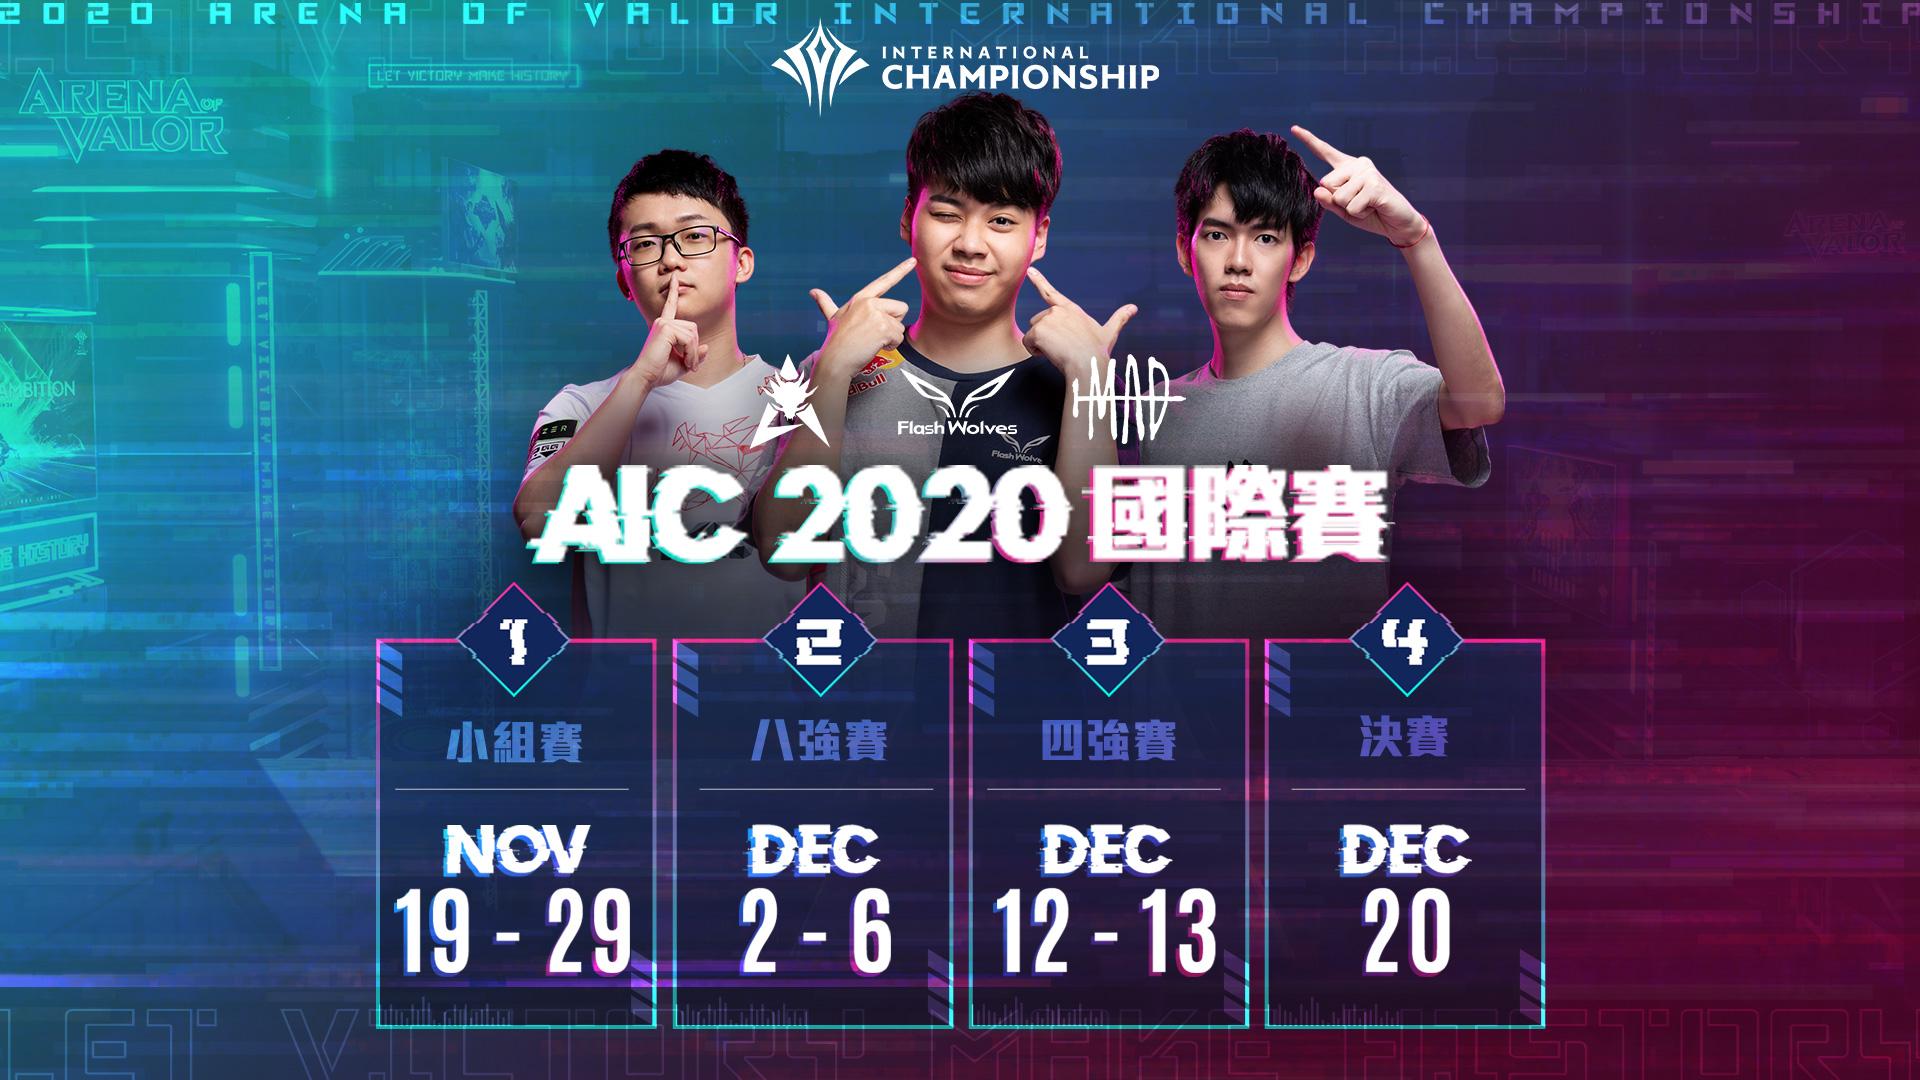 AIC 2020國際賽賽程表及GCS代表隊公布